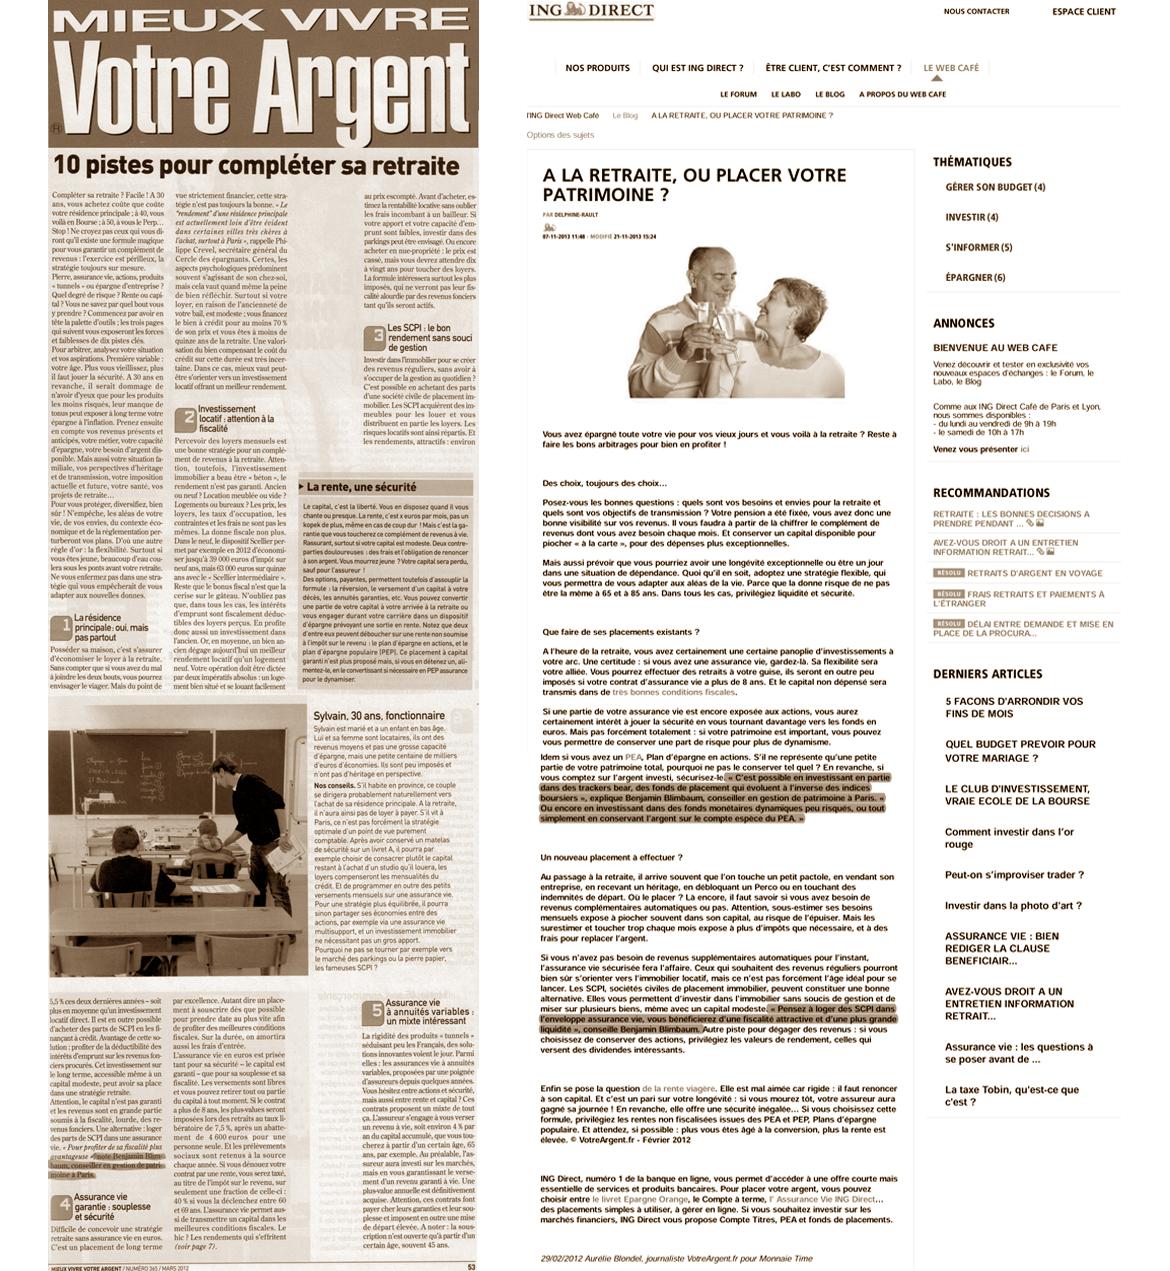 Article-Bnejamin-Blimbaum-1